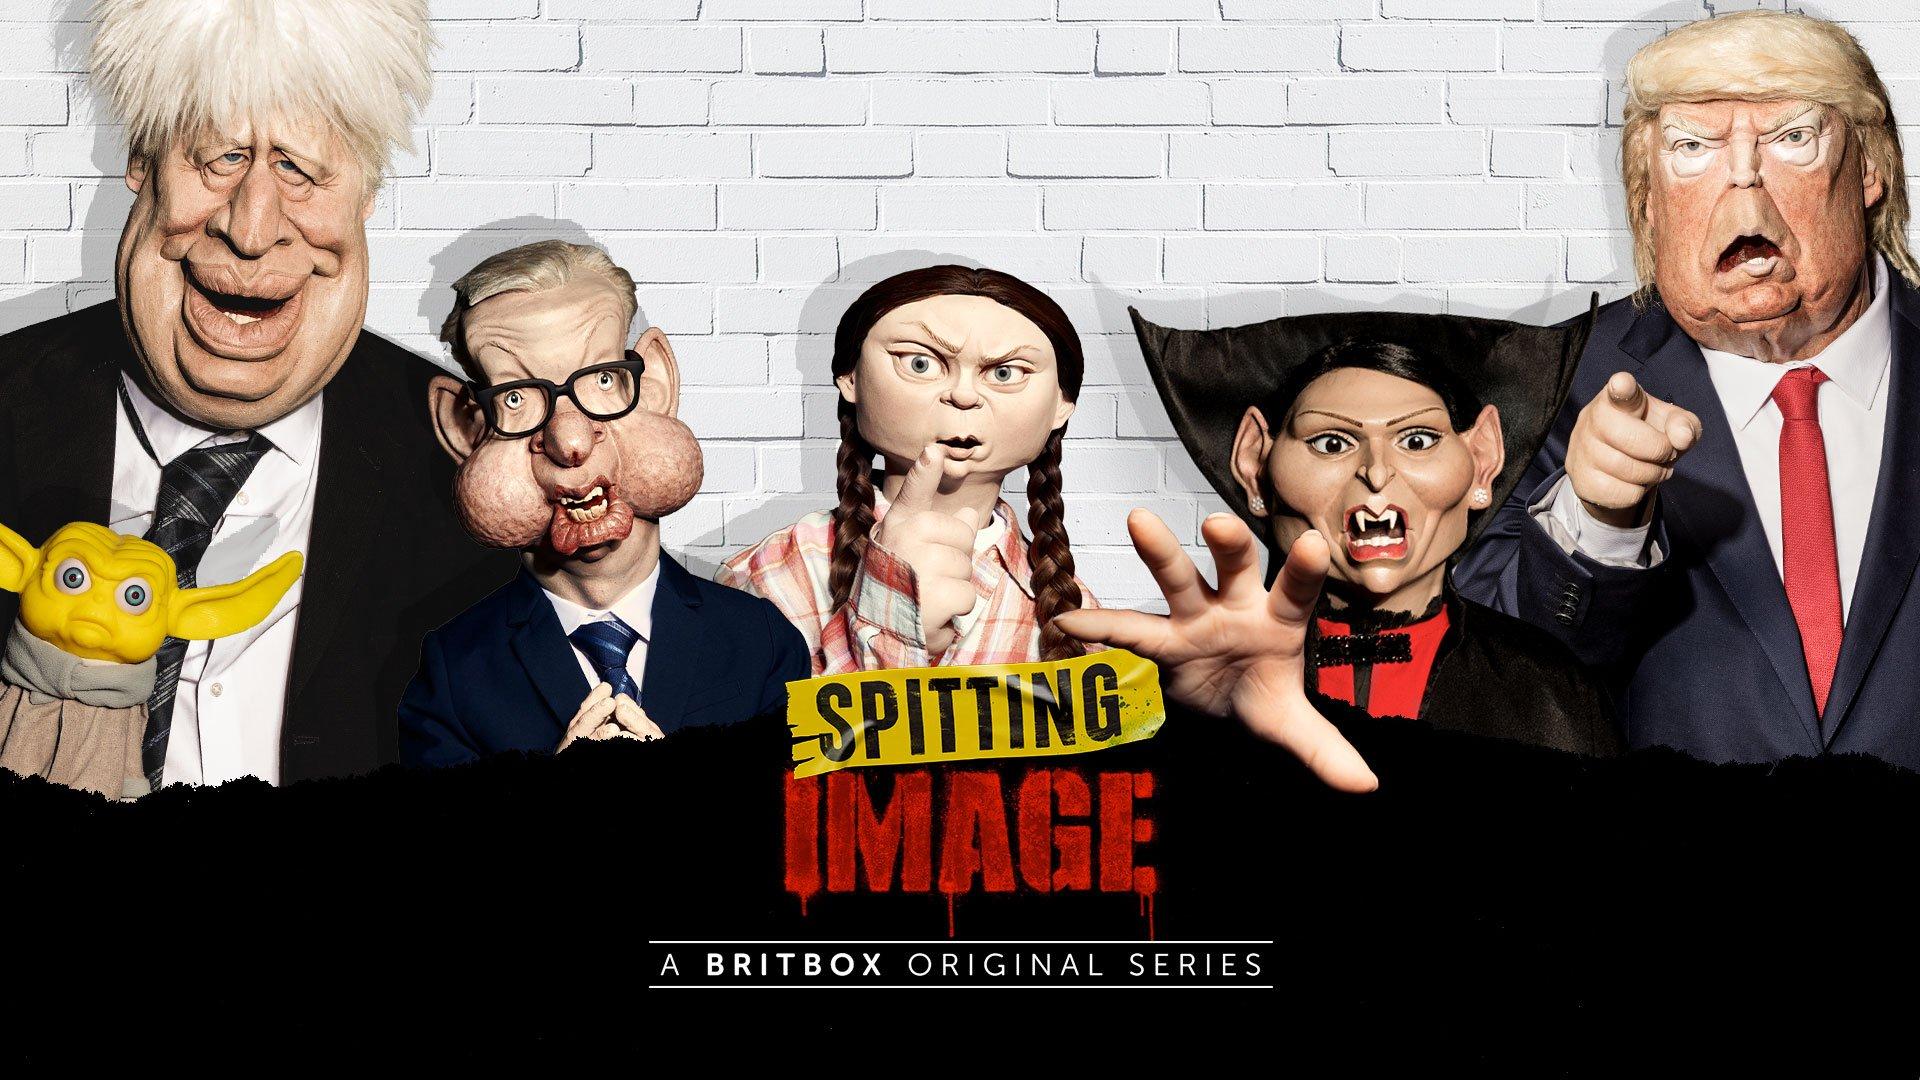 New Spitting Image on BritBox UK